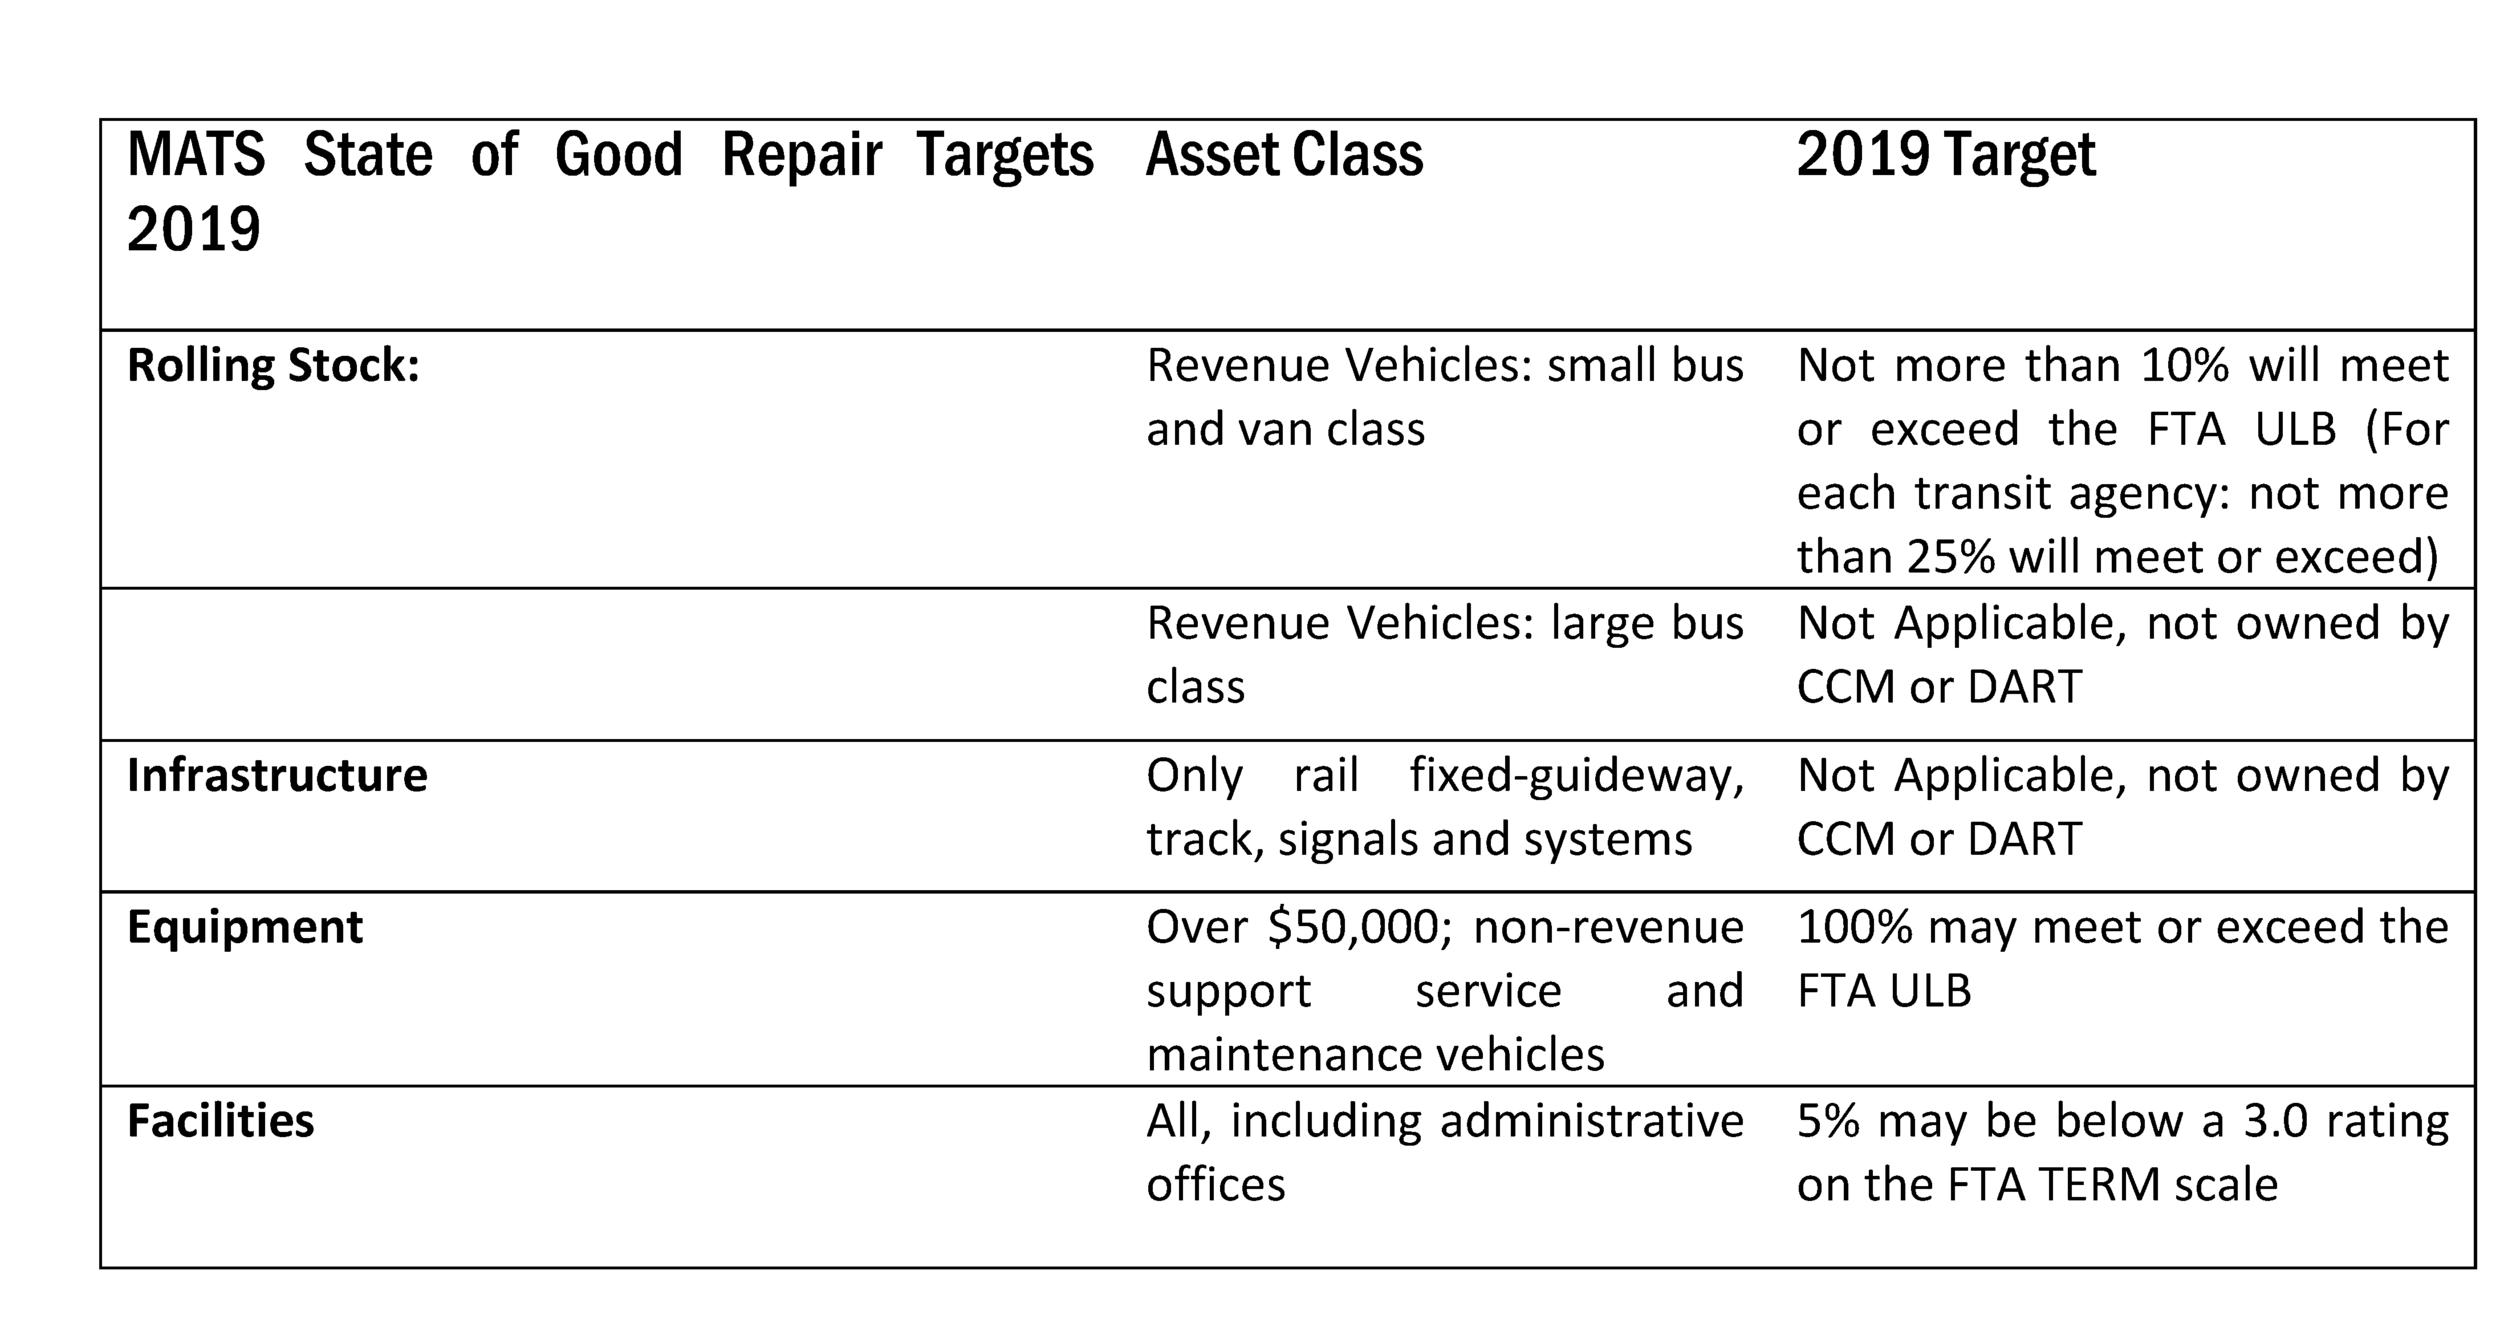 MATS State of Good Repair Targets 2019.png